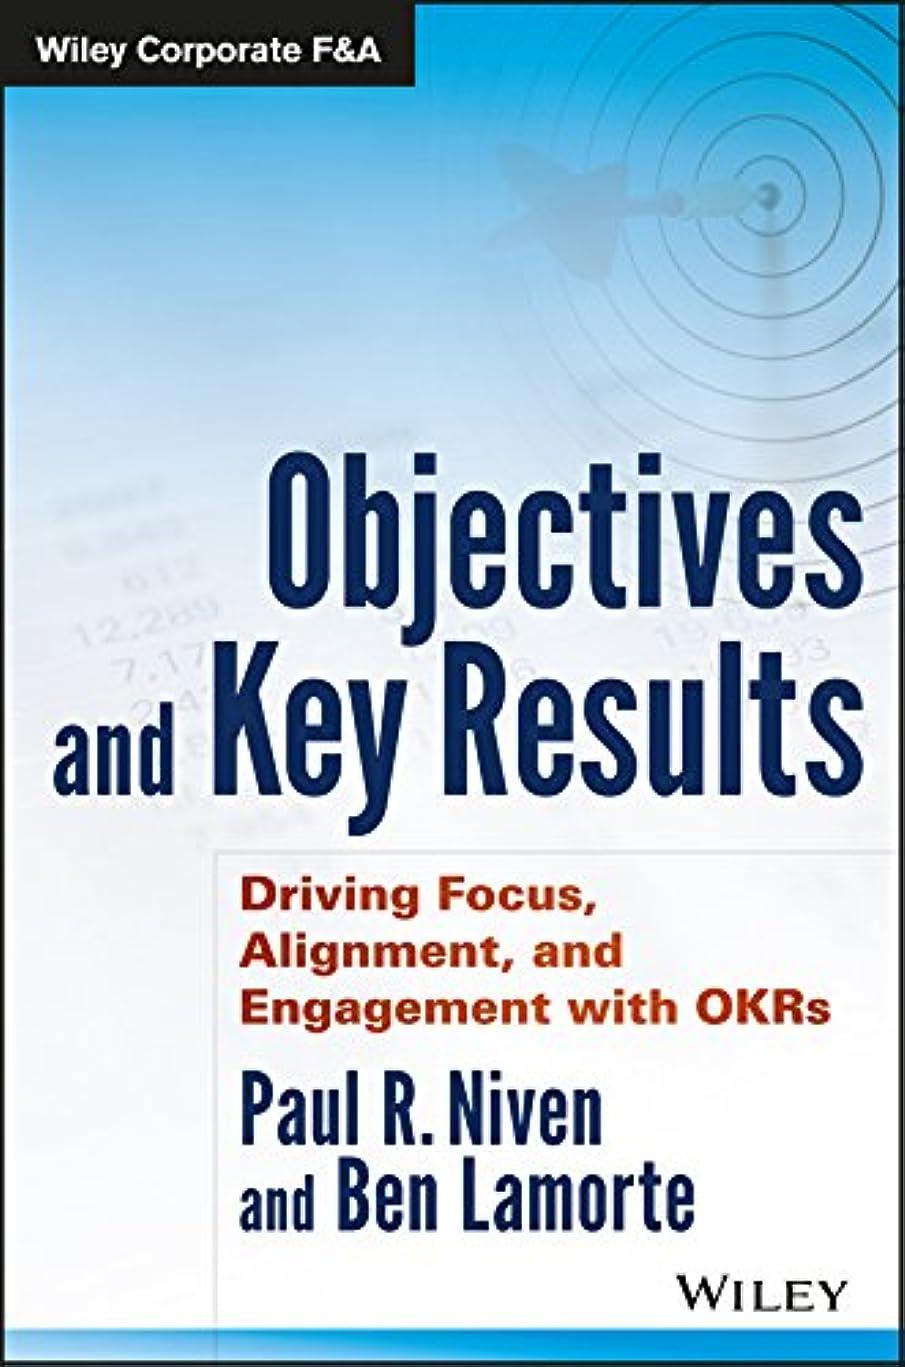 固執排出避けるObjectives and Key Results: Driving Focus, Alignment, and Engagement with OKRs (Wiley Corporate F&A) (English Edition)